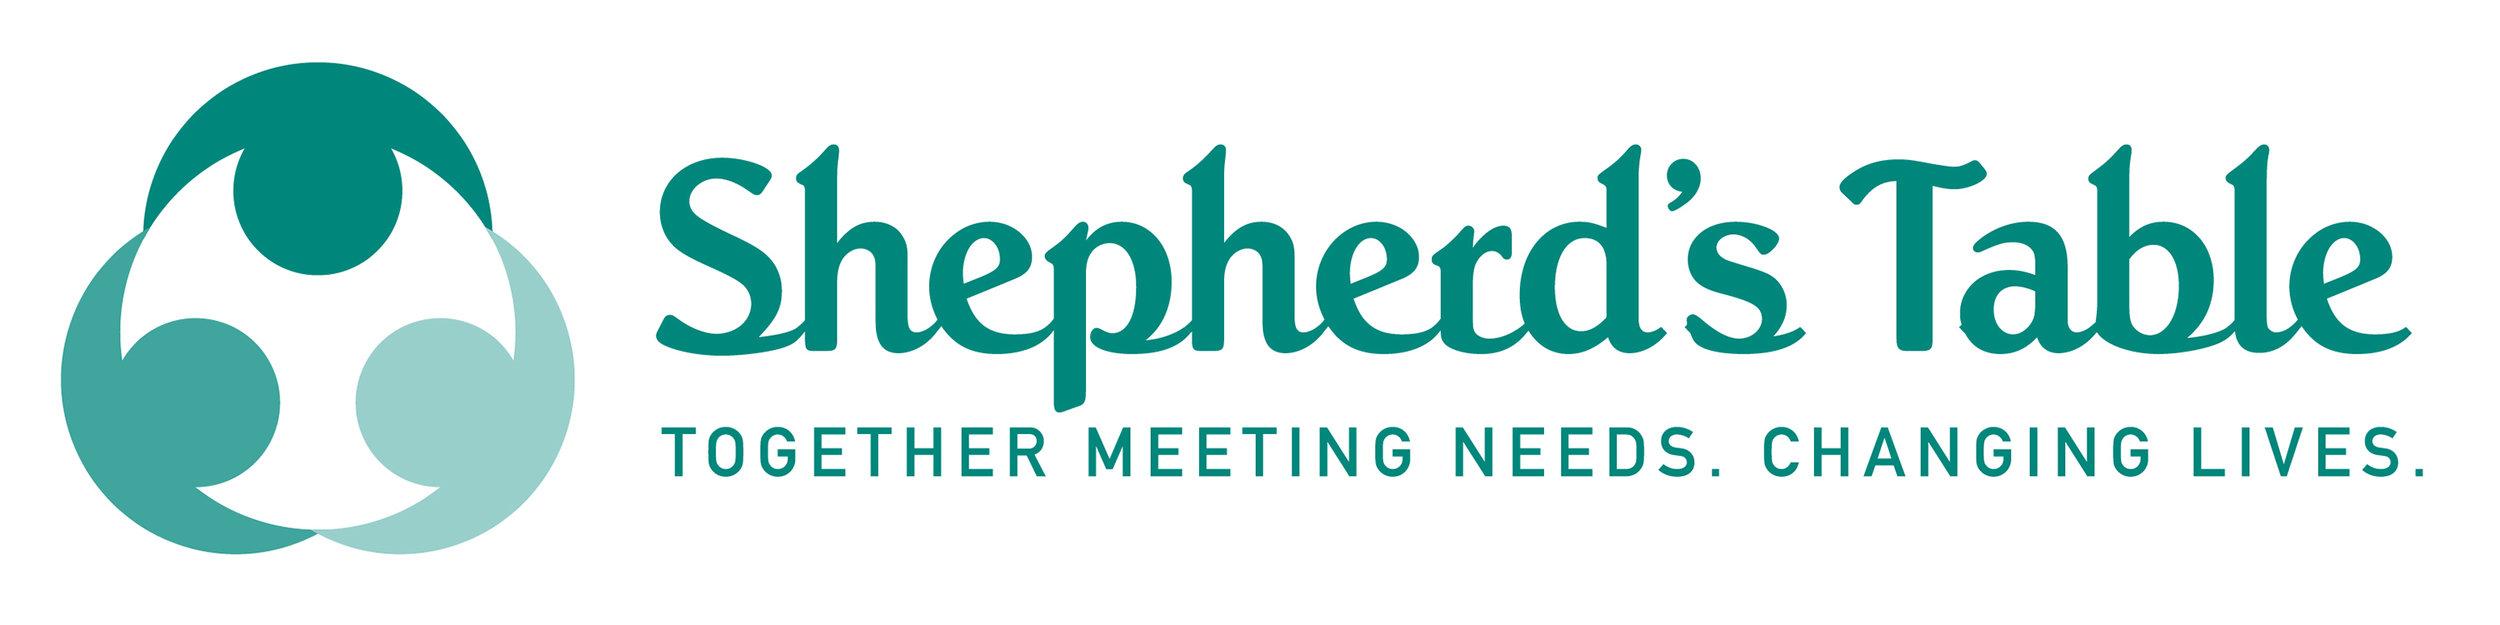 shepherdstable_logo_rgb_hires.jpg